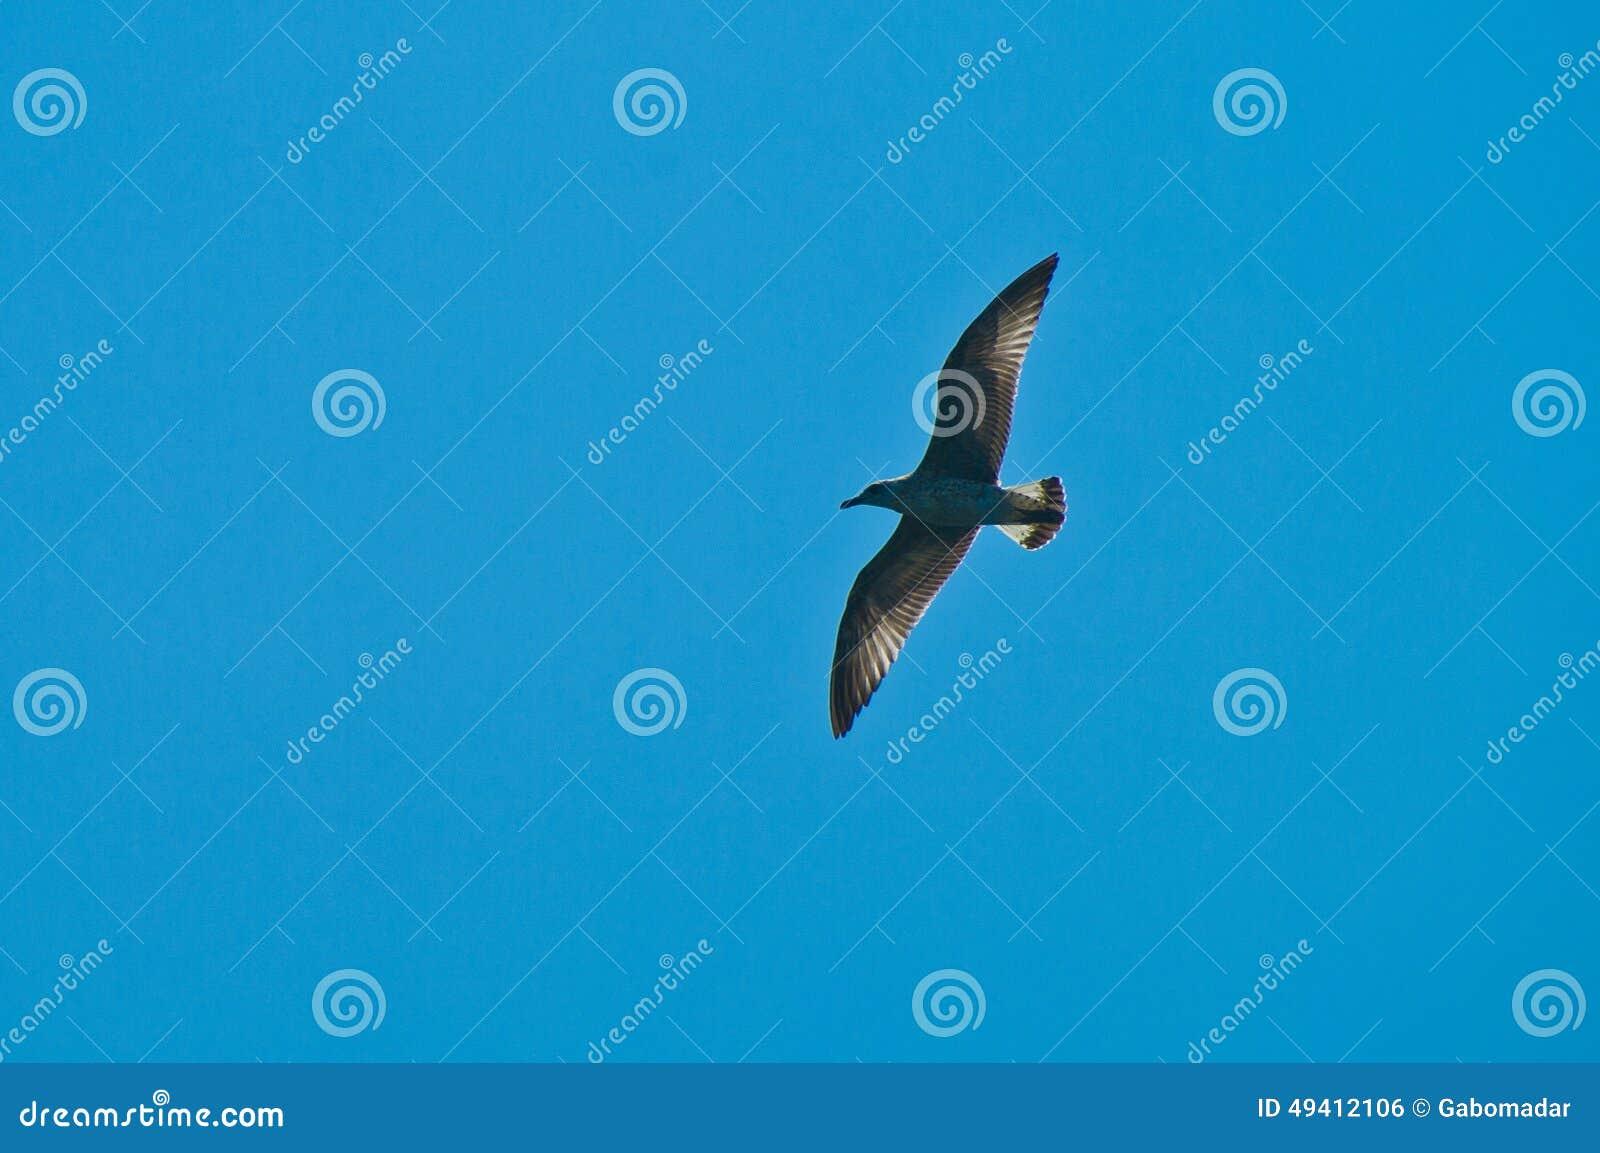 Download Klarer blauer Himmel stockfoto. Bild von fliege, weiß - 49412106